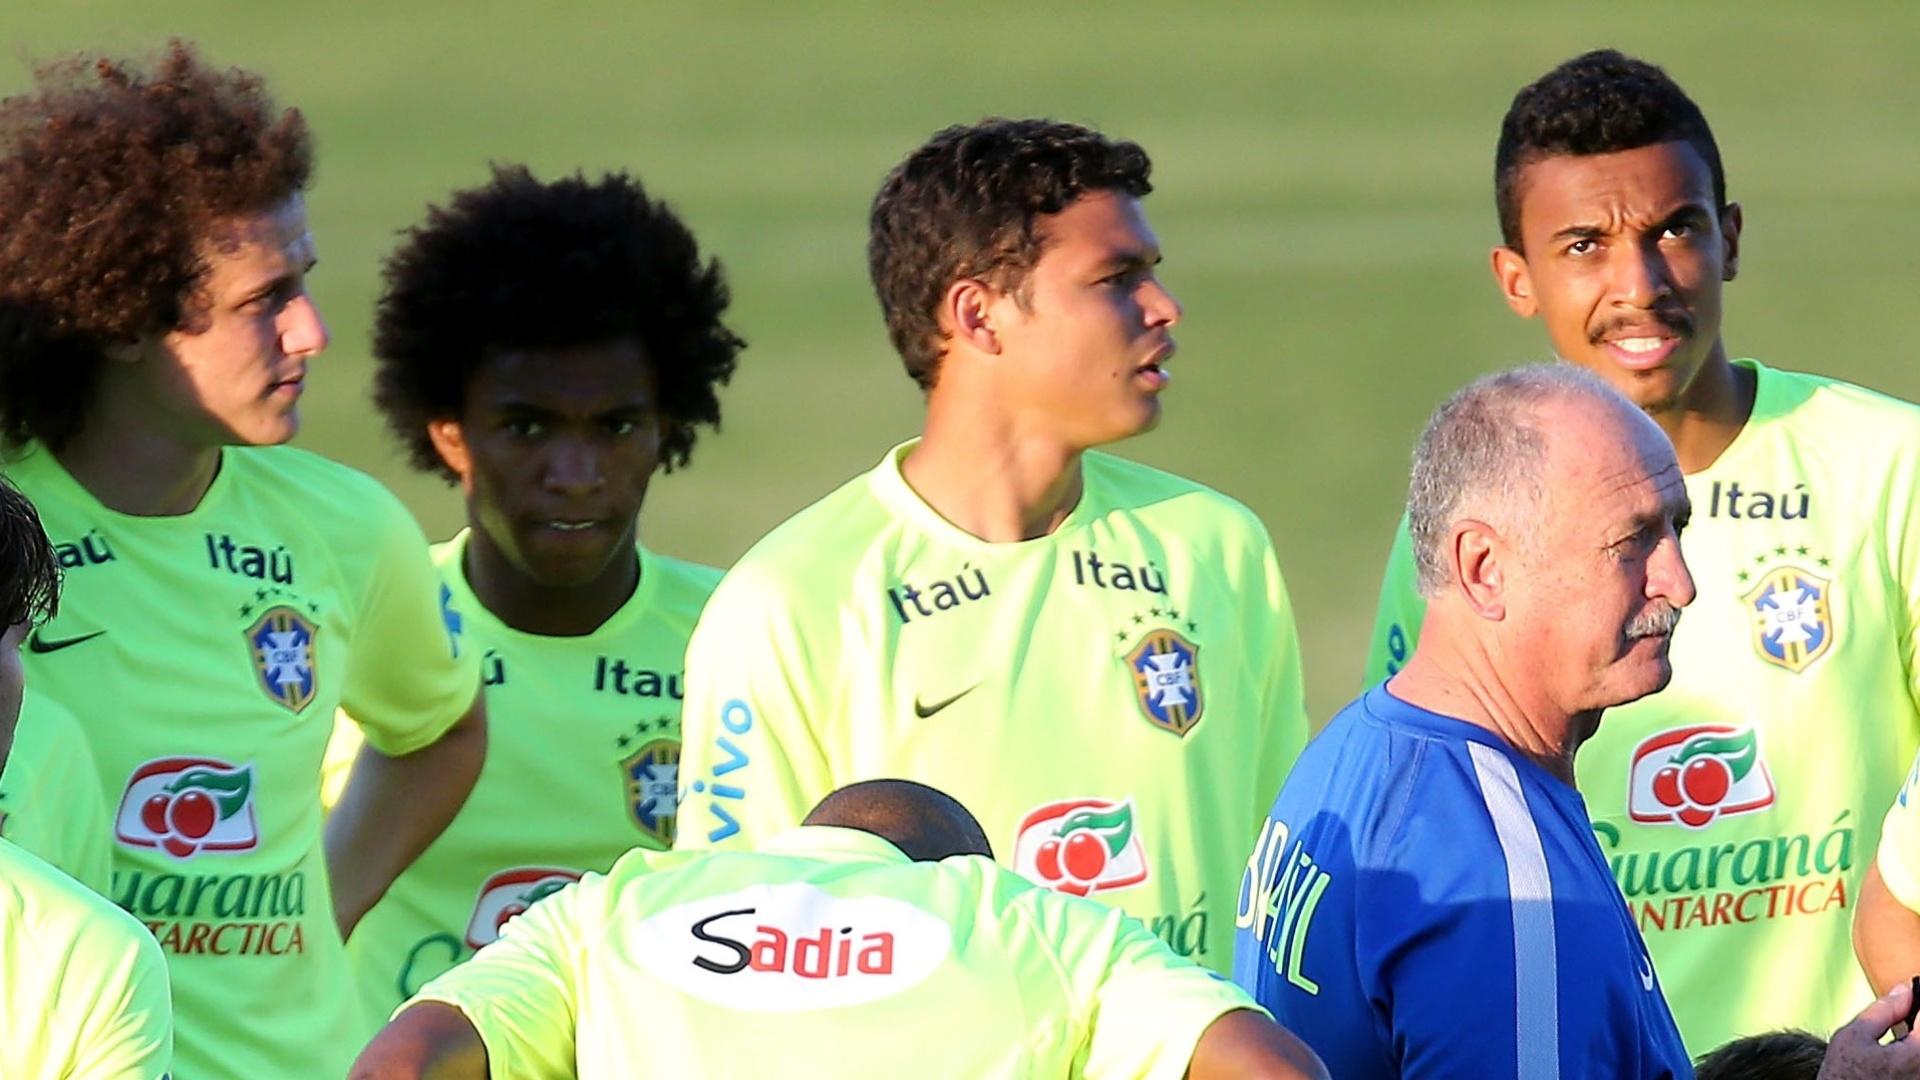 03.jul.2014 - Luiz Felipe Scolari orienta os jogadores da seleção brasileira durante o treino no estádio Presidente Vargas, em Fortaleza